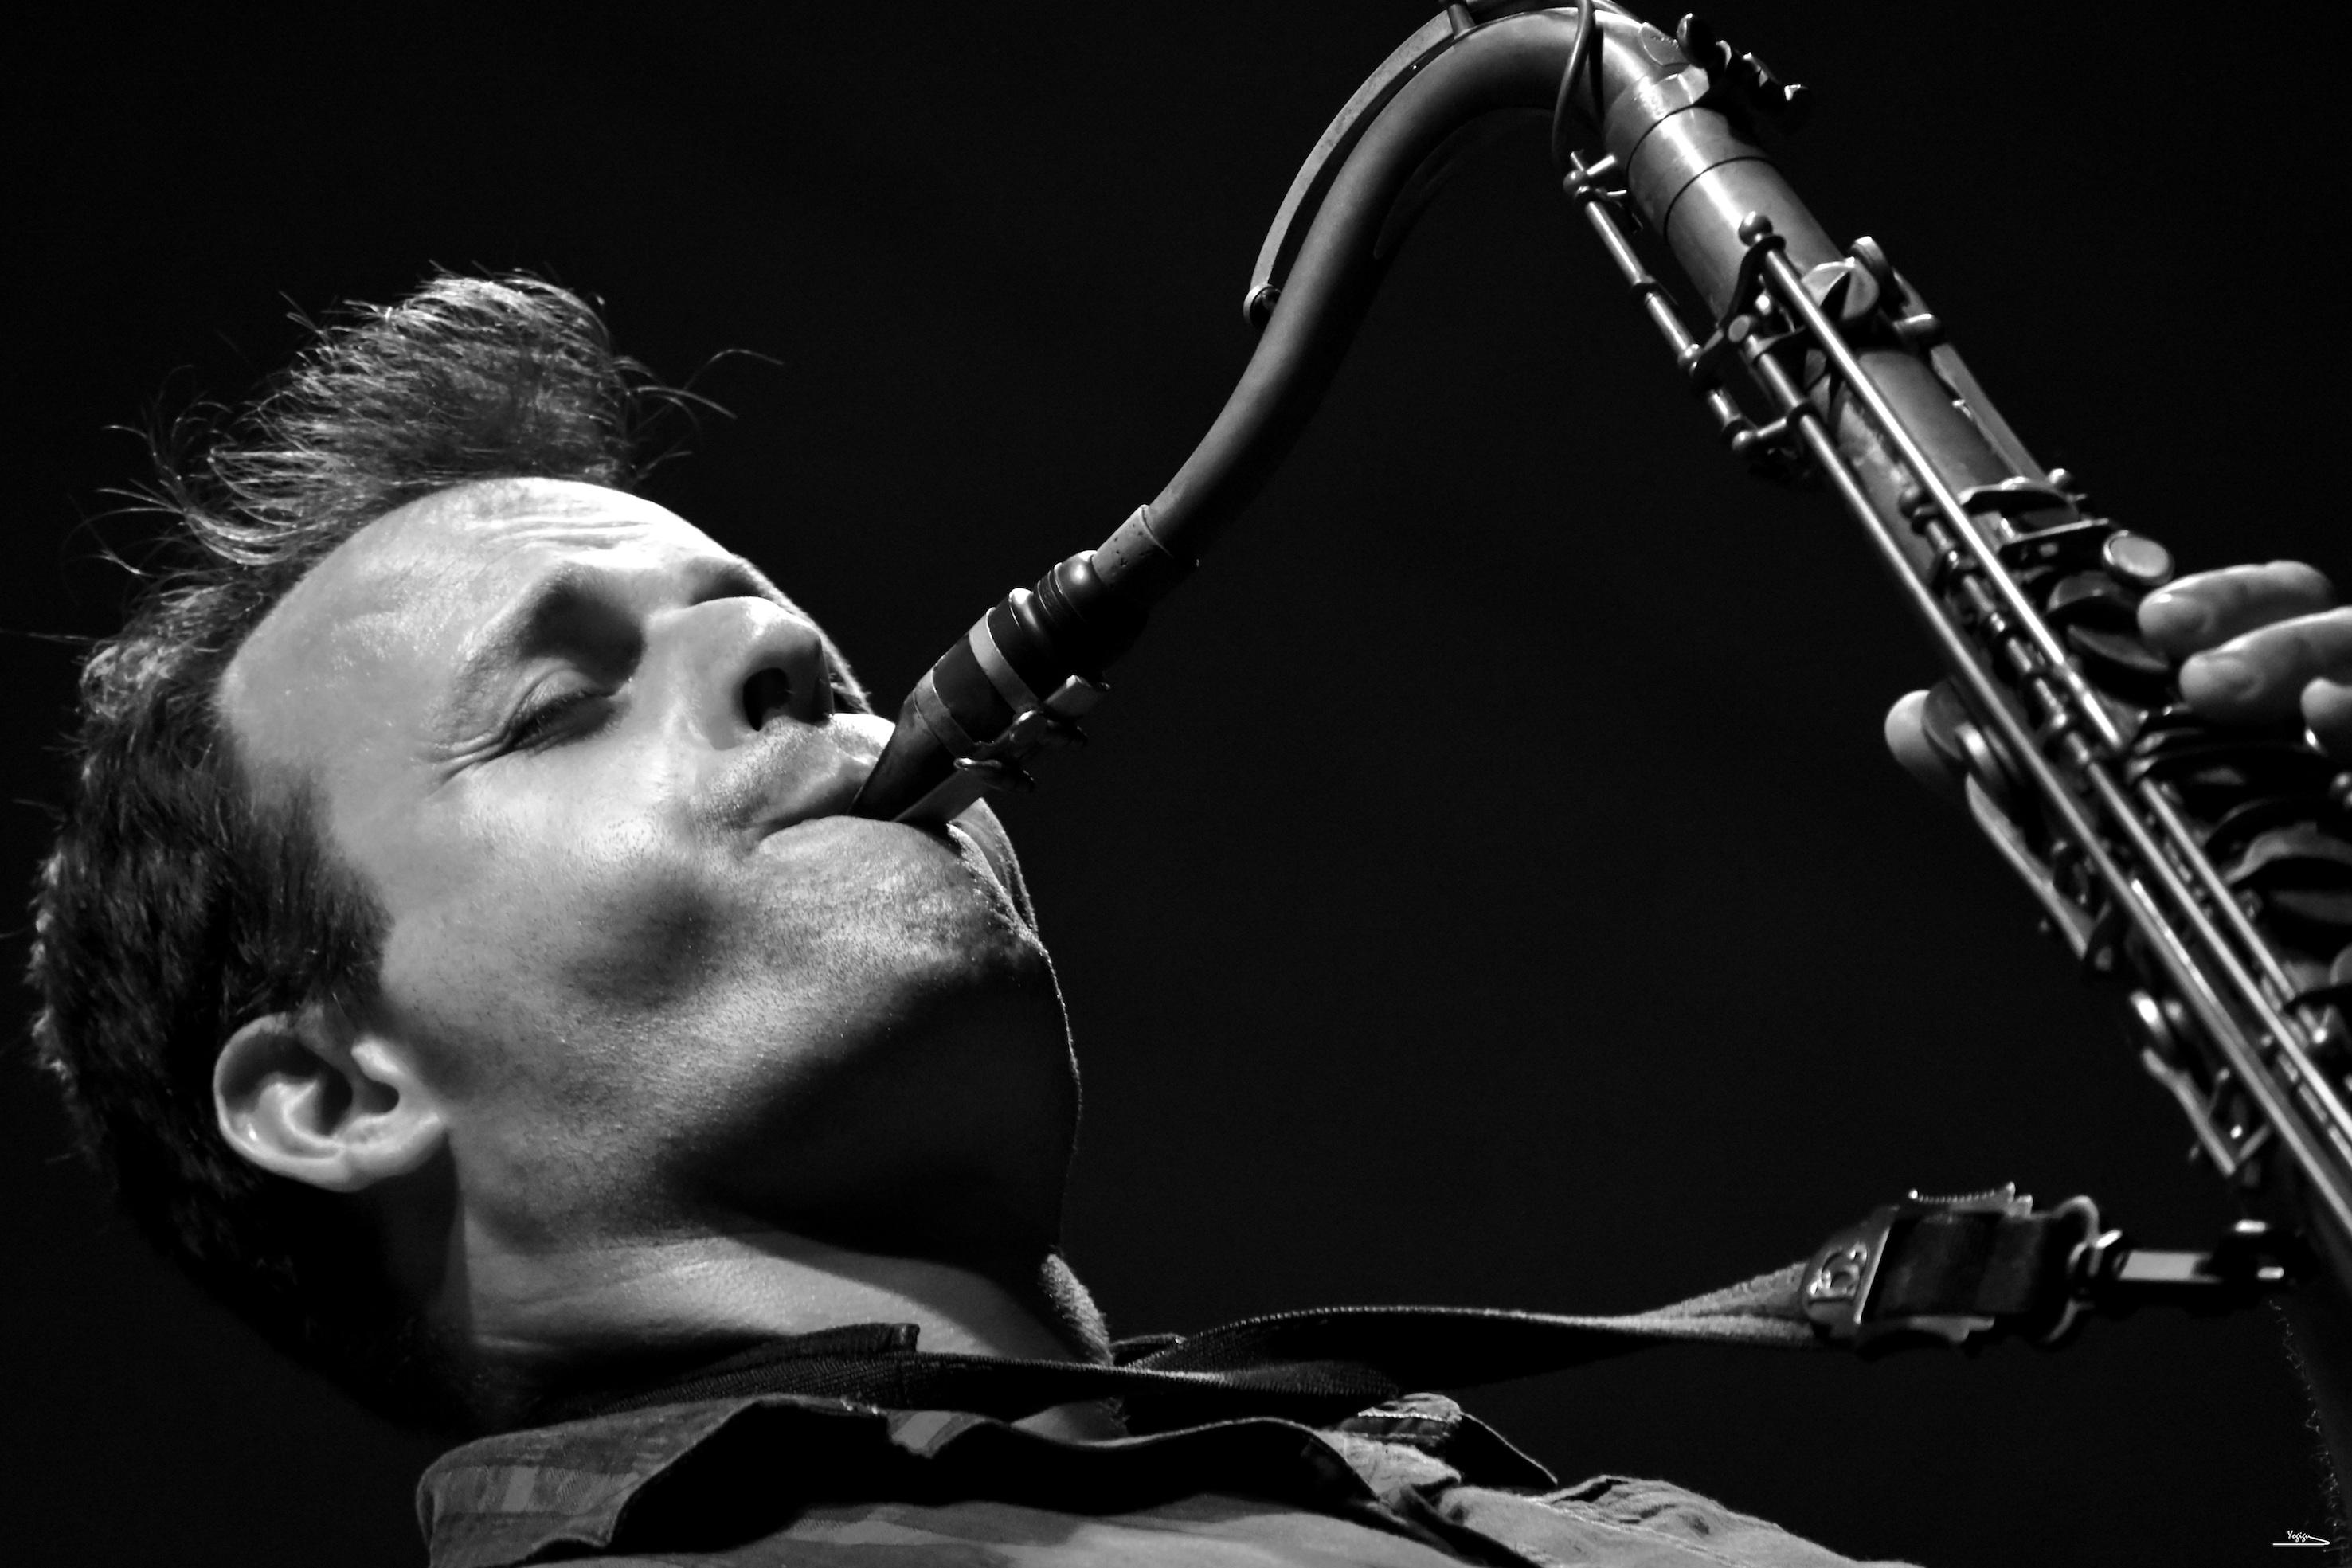 Enrique Oliver : 'Existen varias trincheras de locos maravillosos que mantienen vivo el jazz'